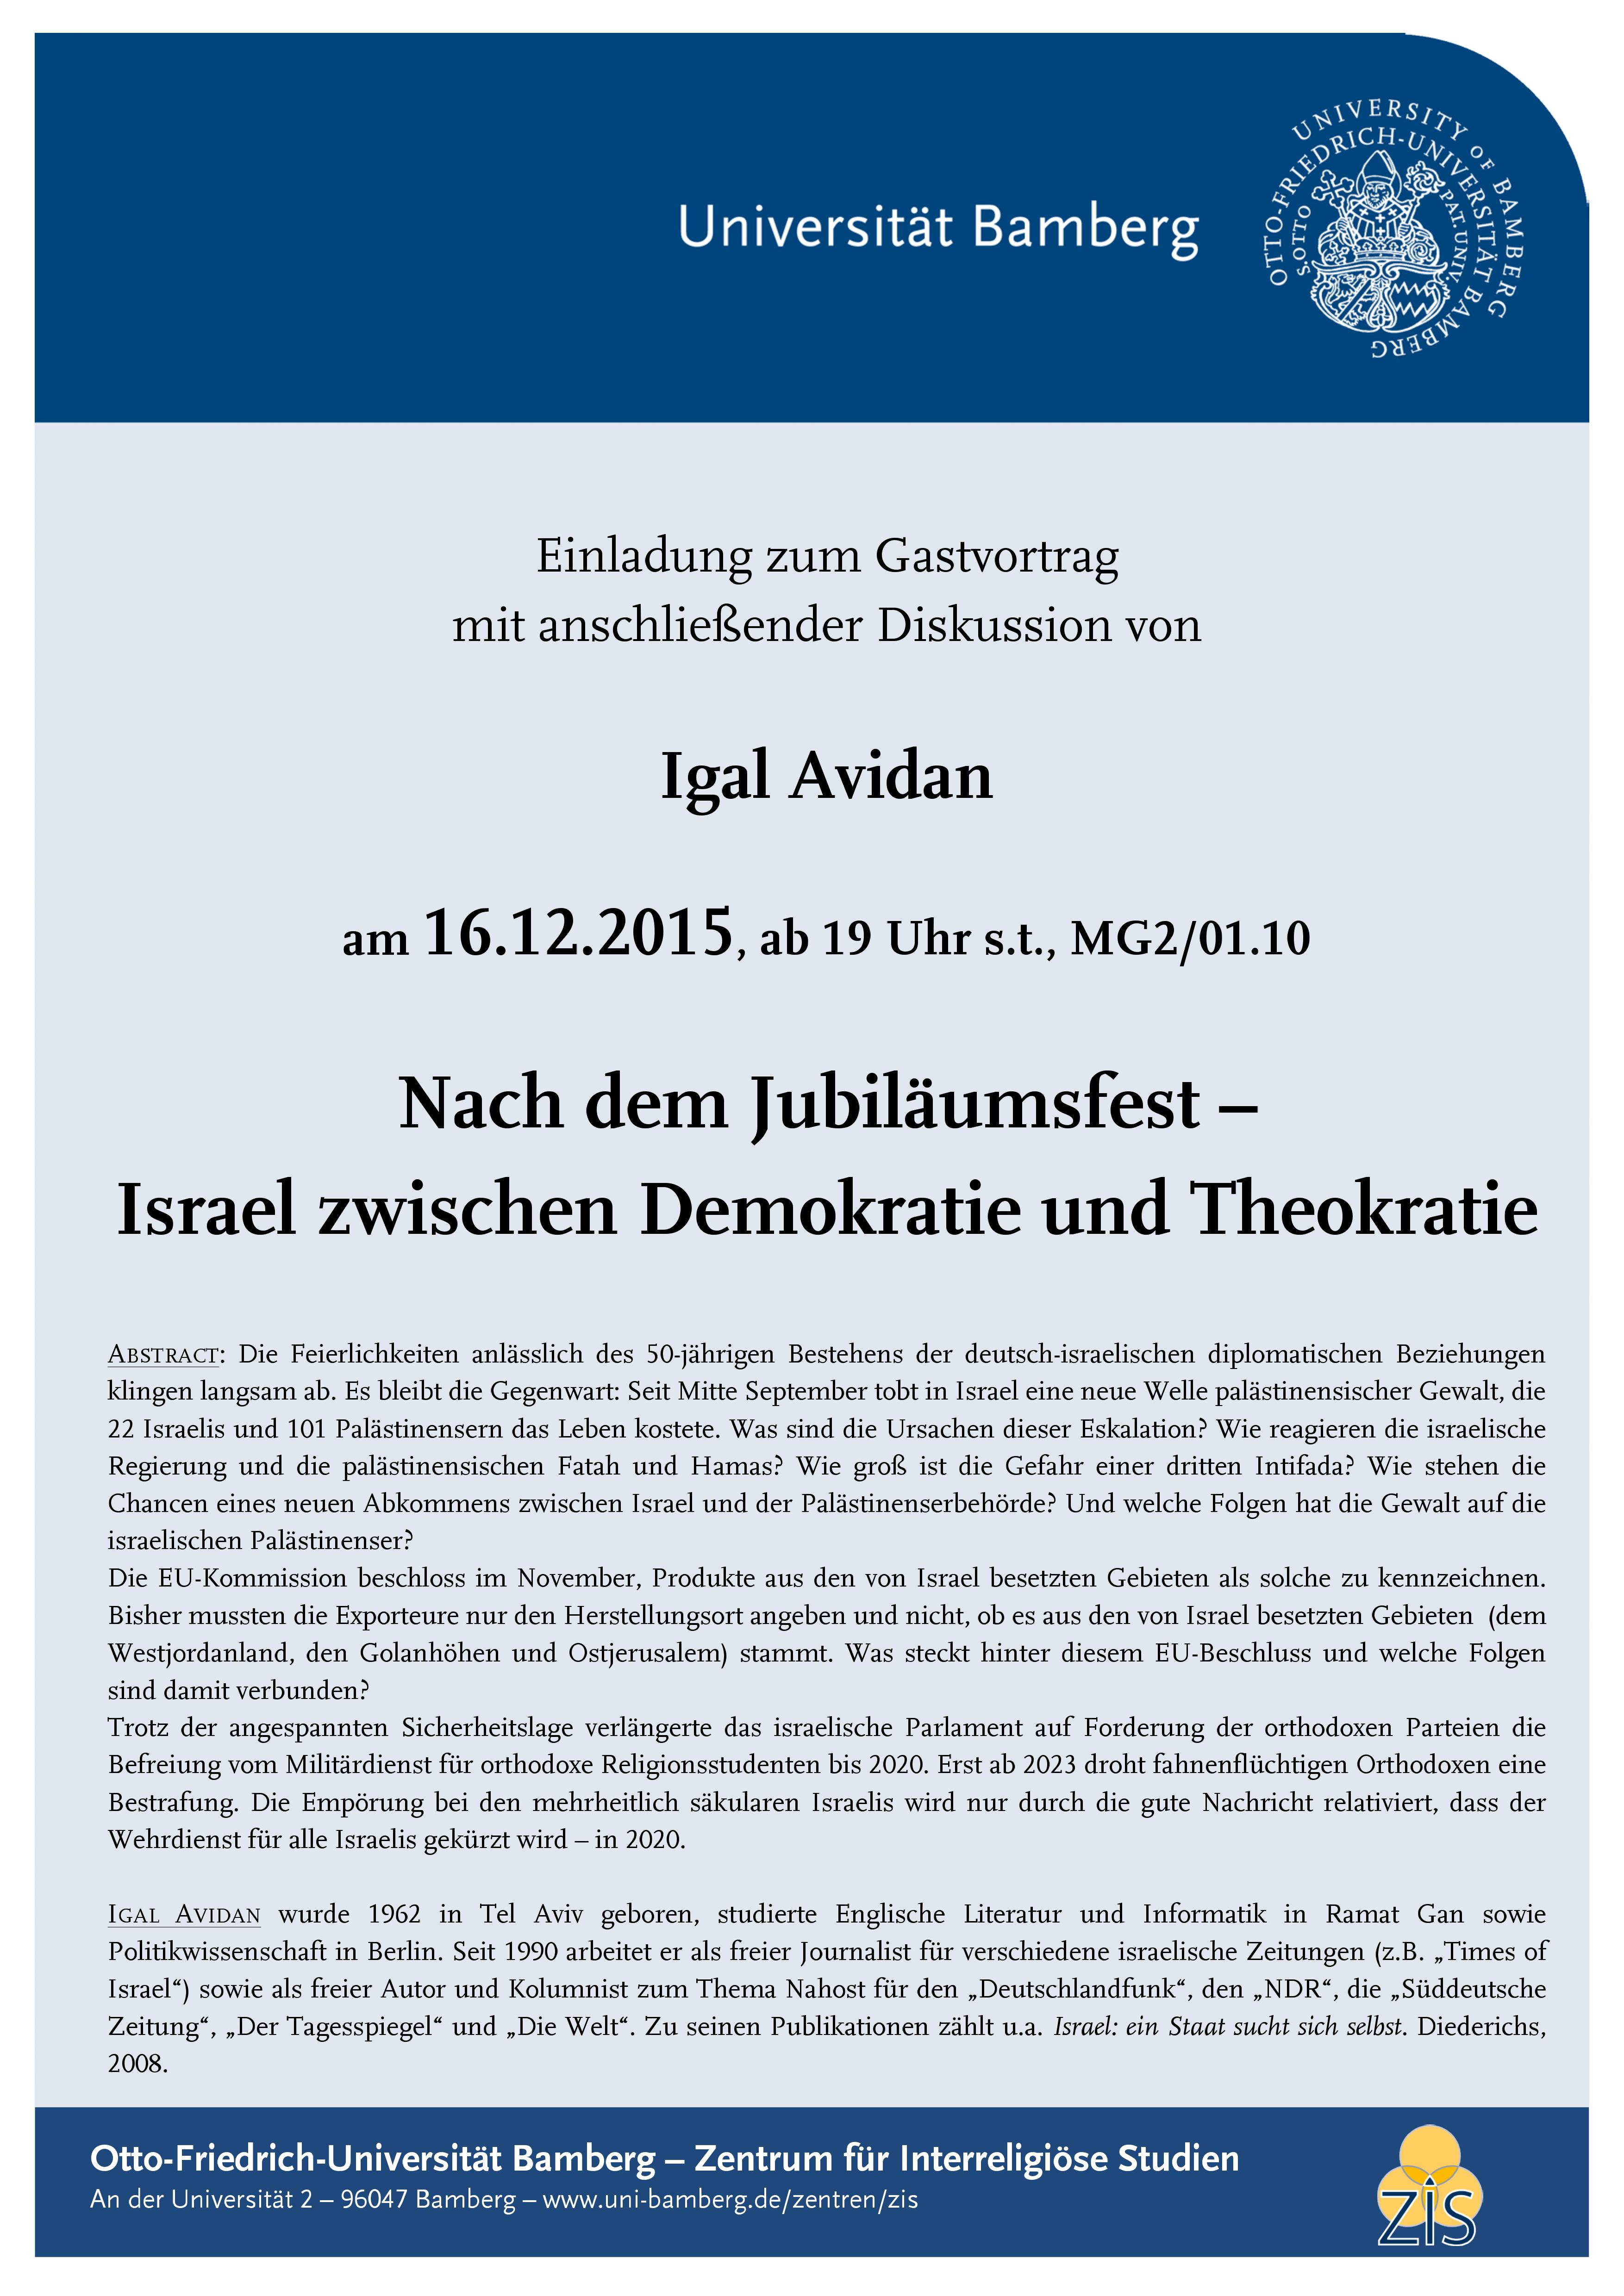 Israel zwischen Demokratie und Theokratie